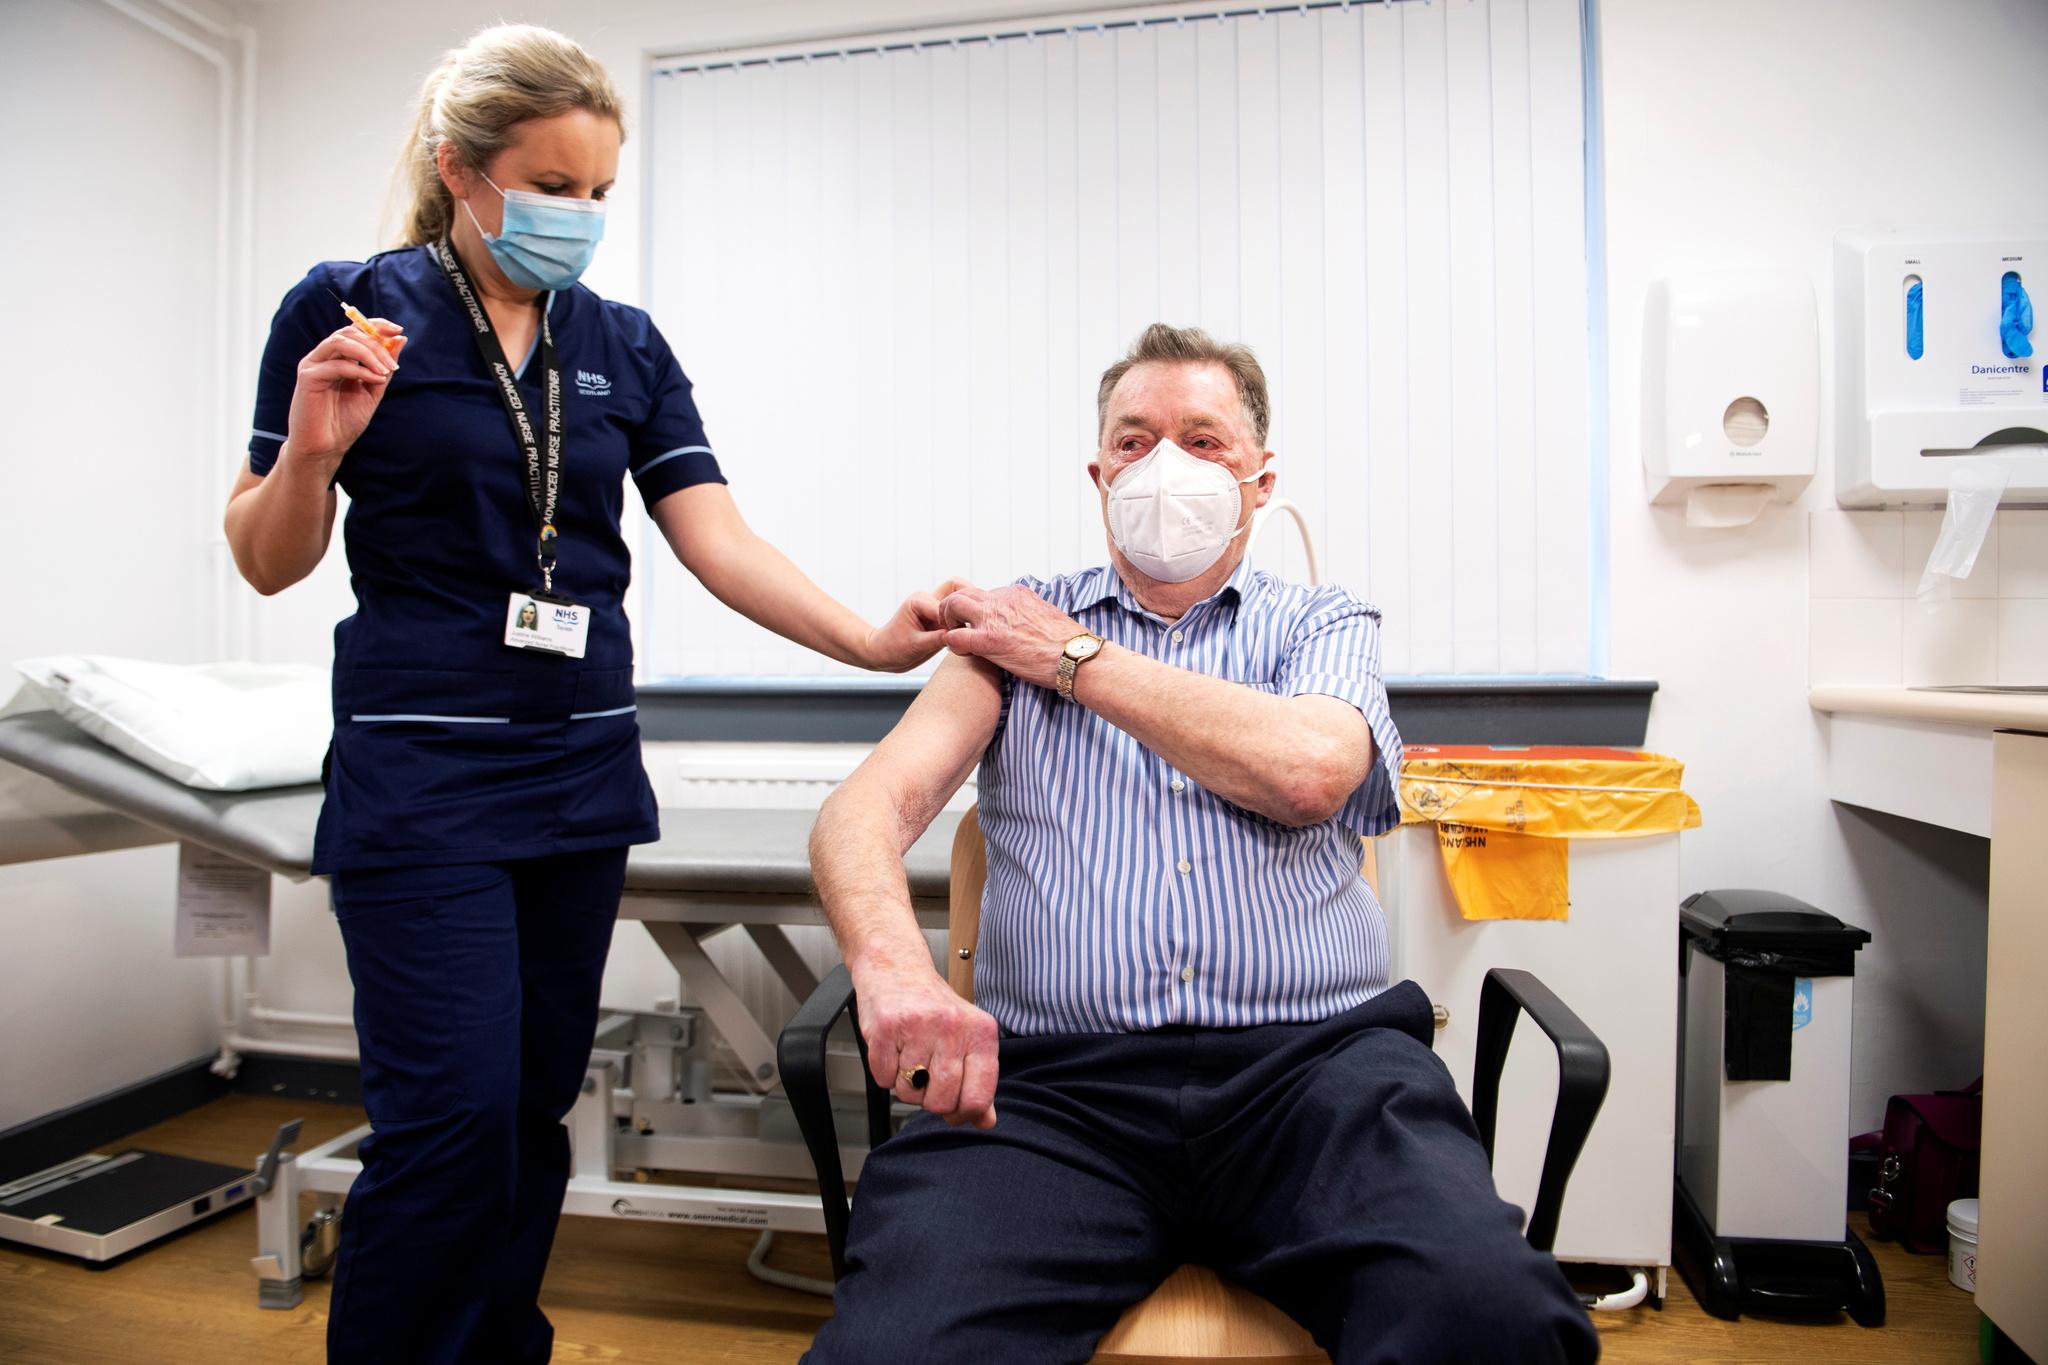 Día de la enfermera 2021: Frases y mensajes cortos para reconocer su ardua labor